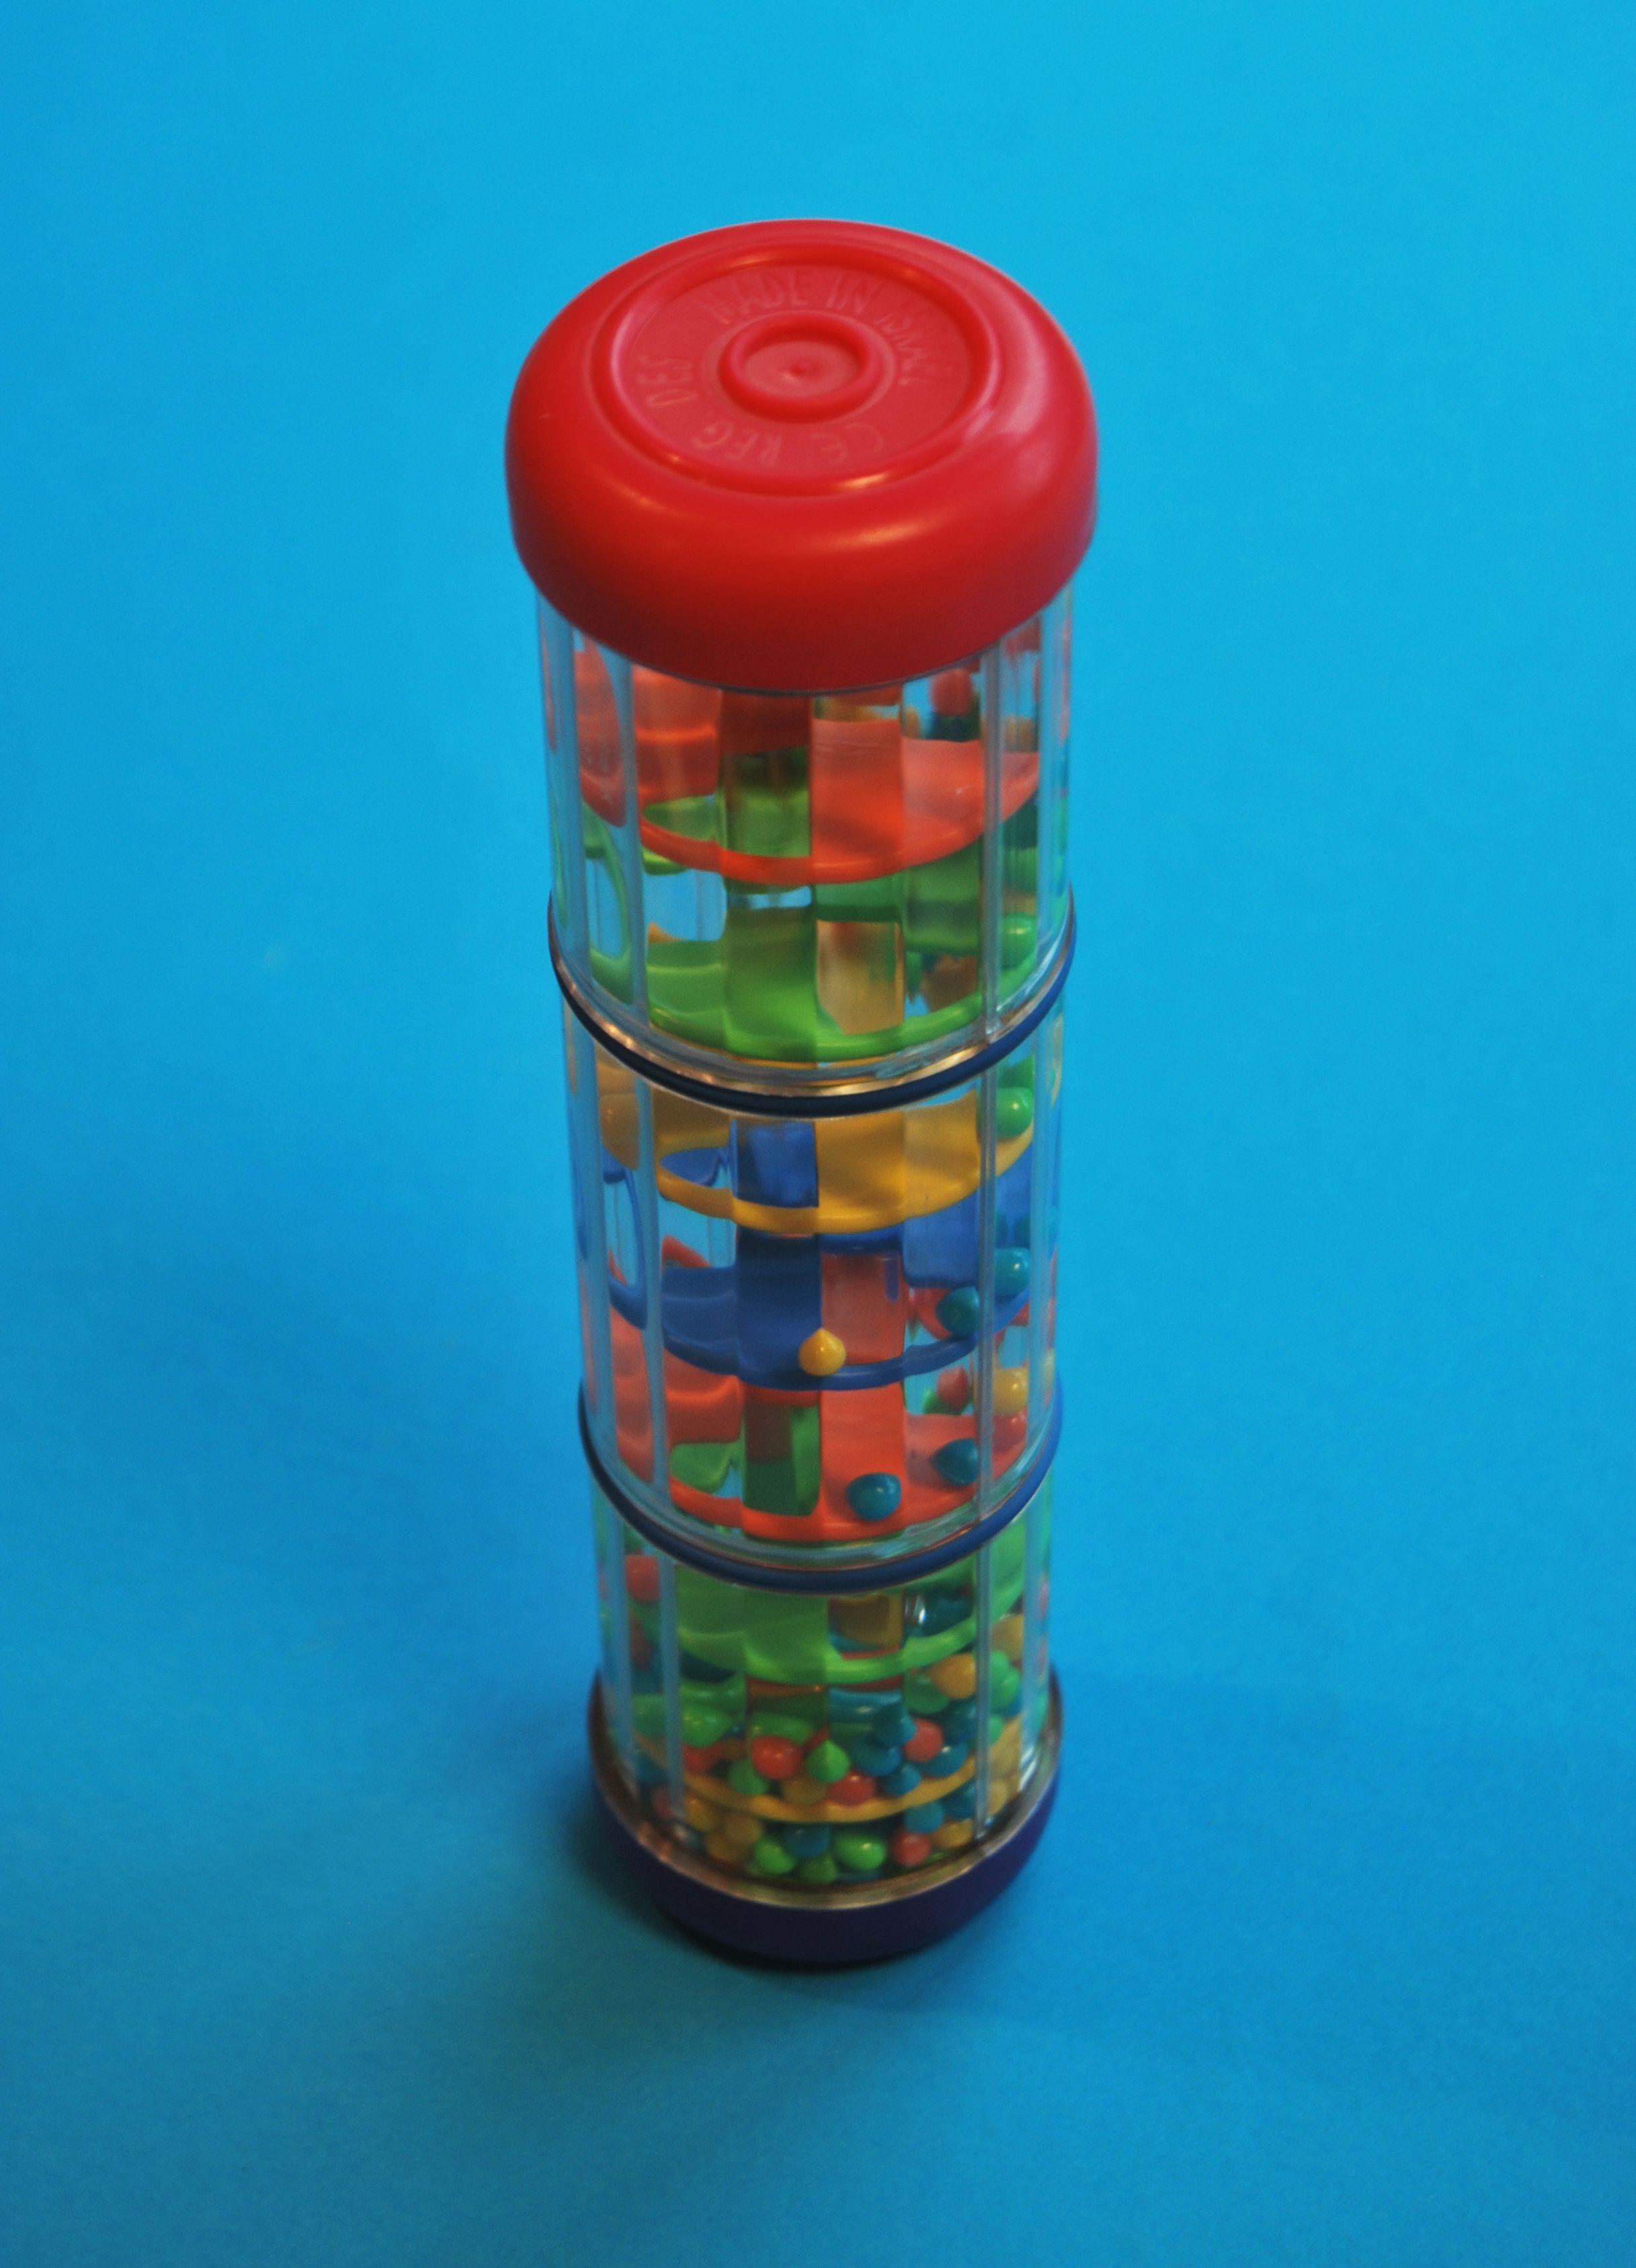 Image de présentation du jeu Bâton de pluie  - cliquez pour agrandir